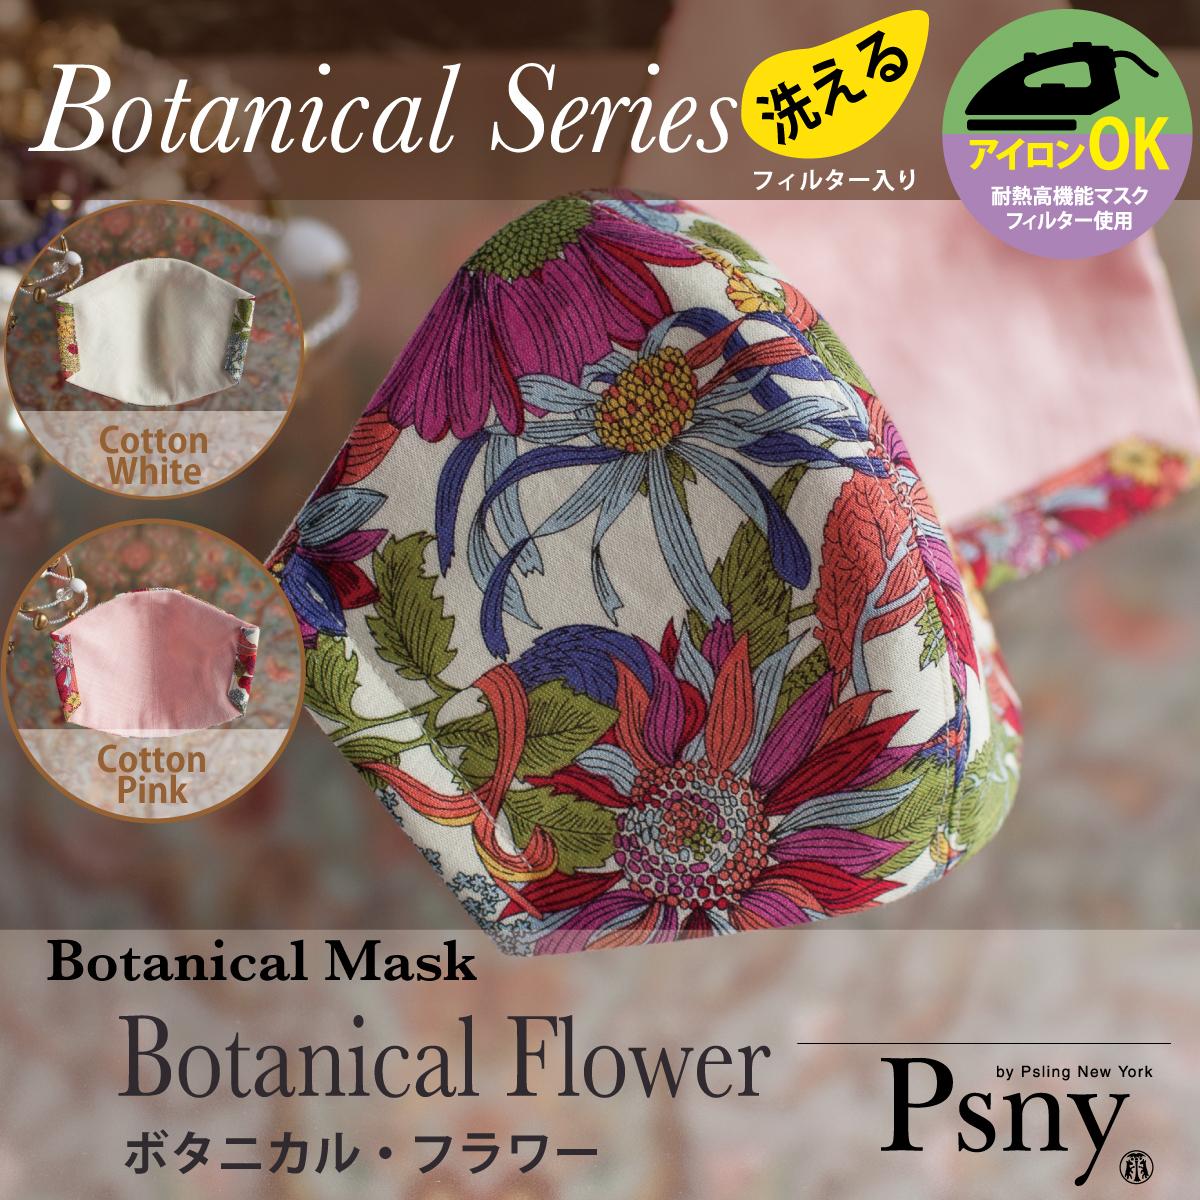 PSNY ボタニカル・フラワー 花粉 黄砂 洗えるフィルター入り 立体 マスク 大人用 送料無料